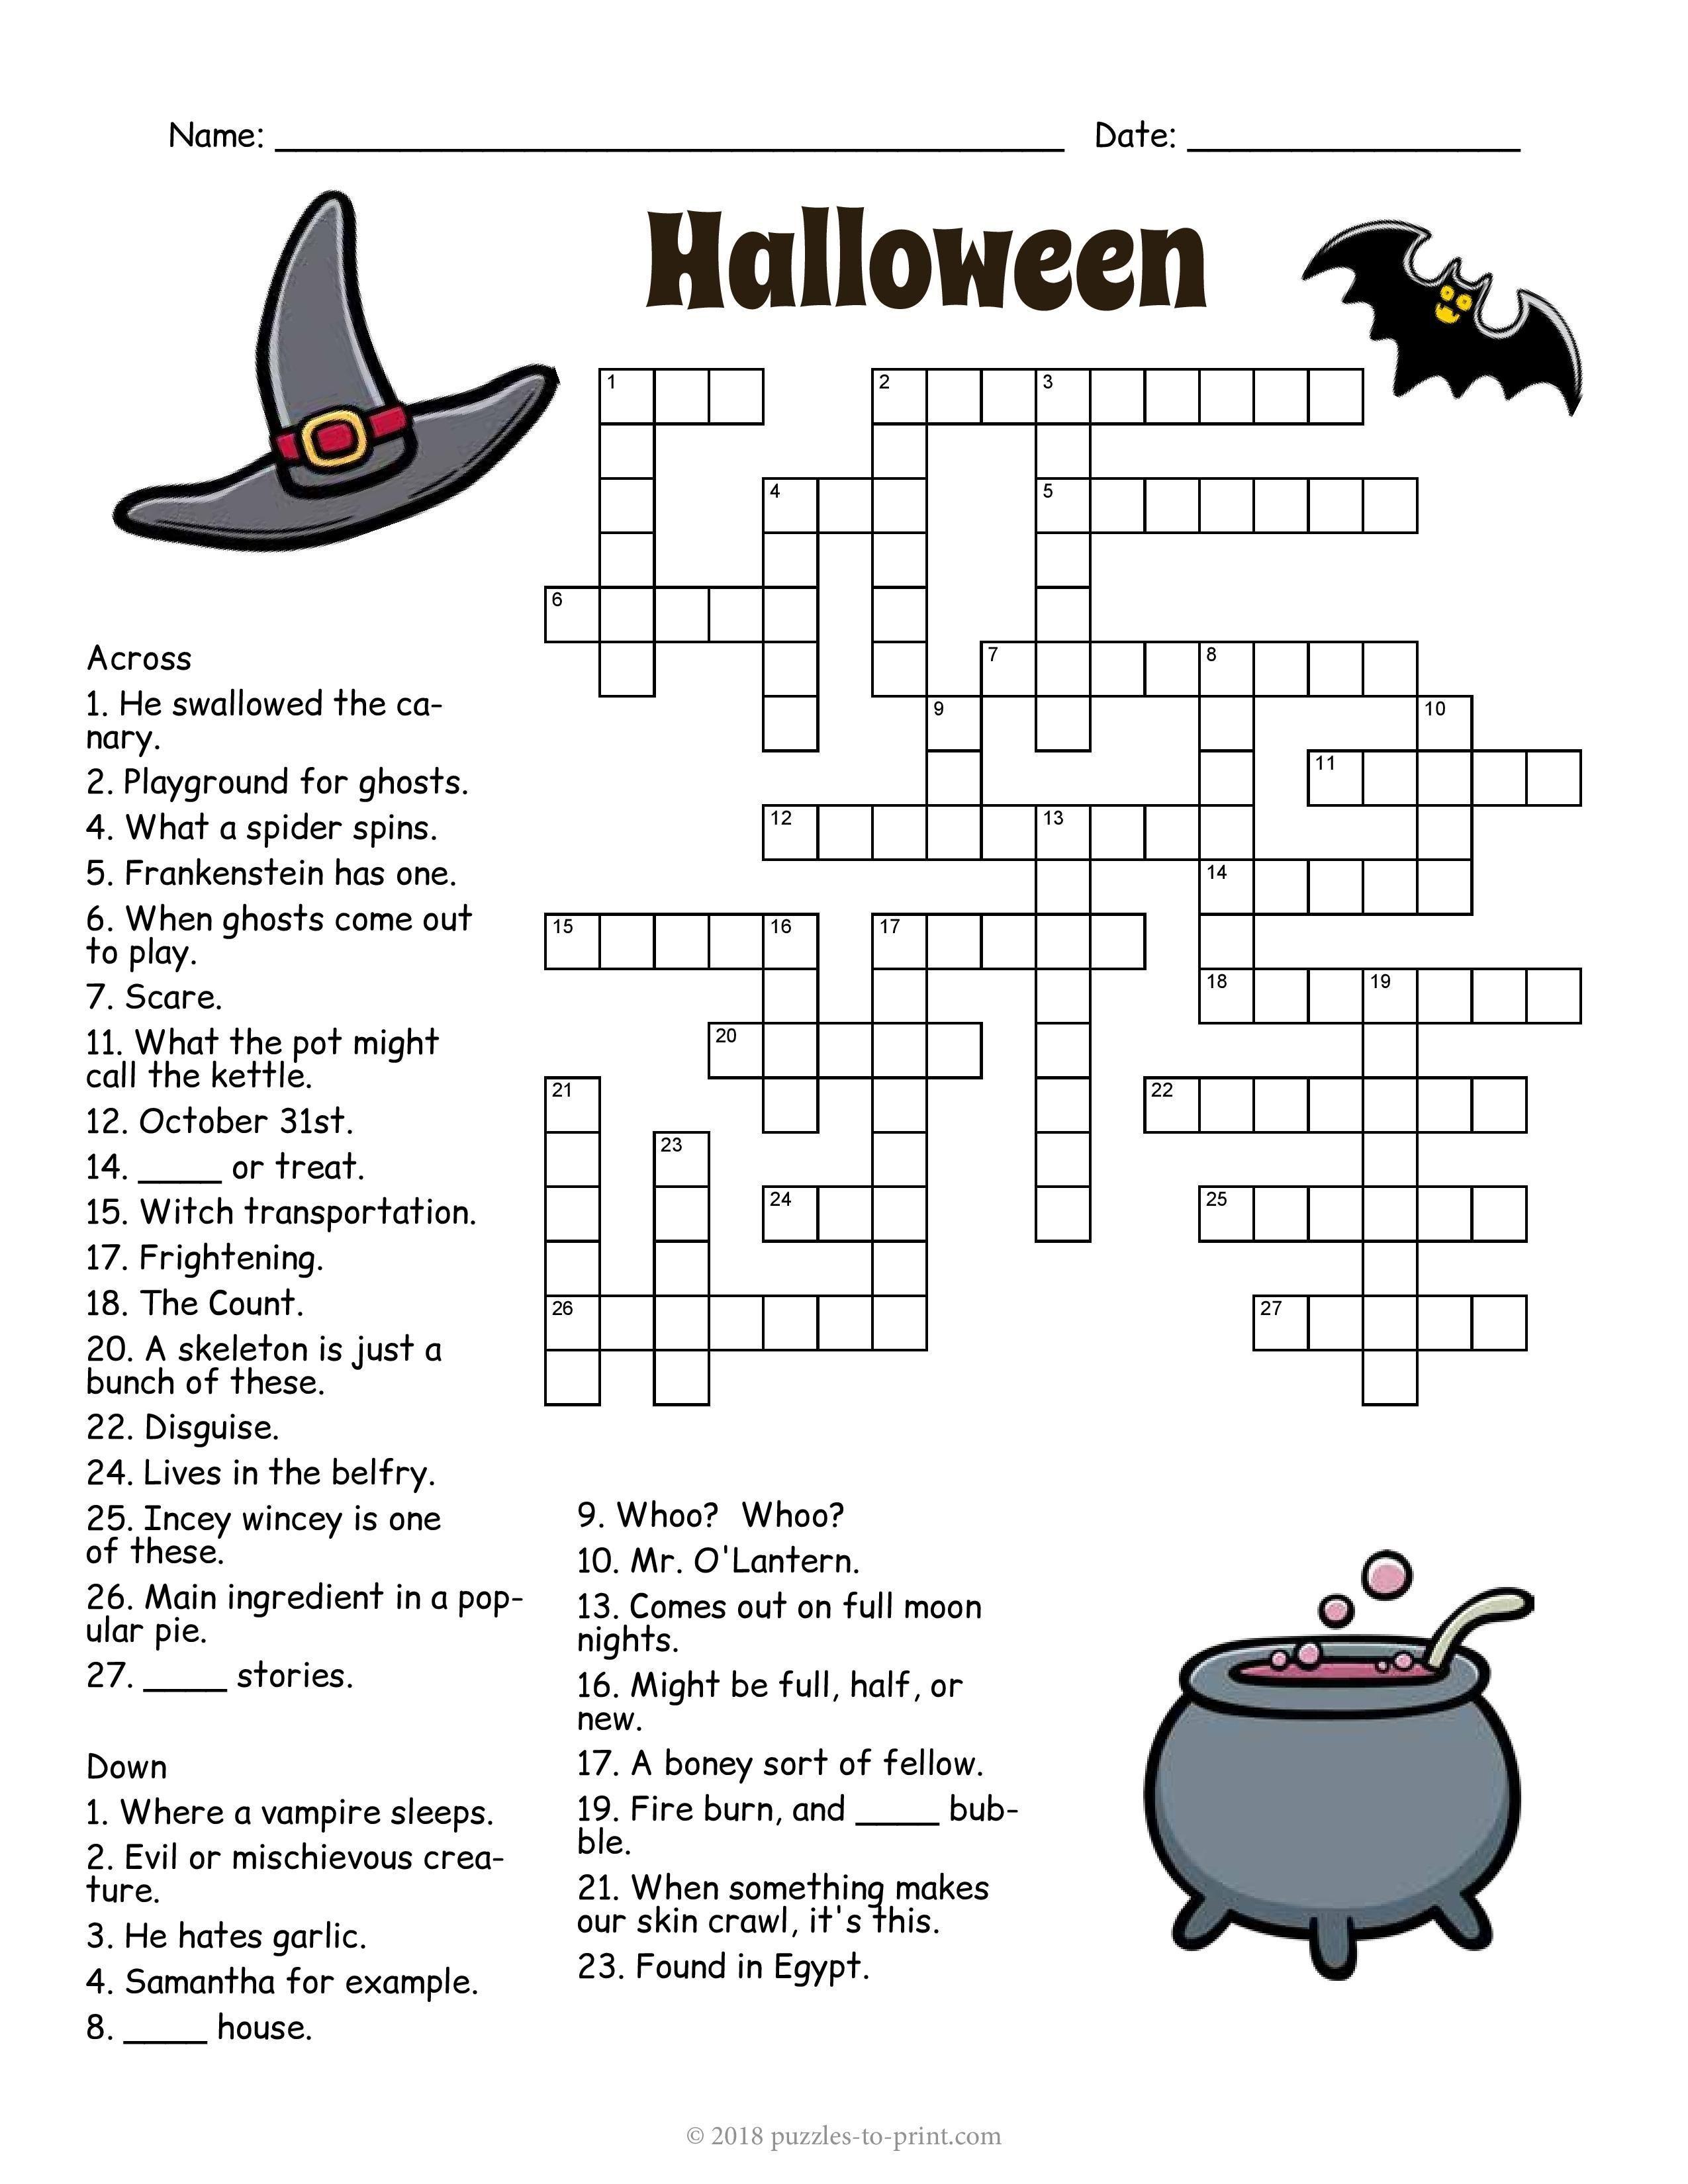 Halloween Crossword Halloween Crossword Puzzles Halloween Puzzles Halloween Activity Sheets